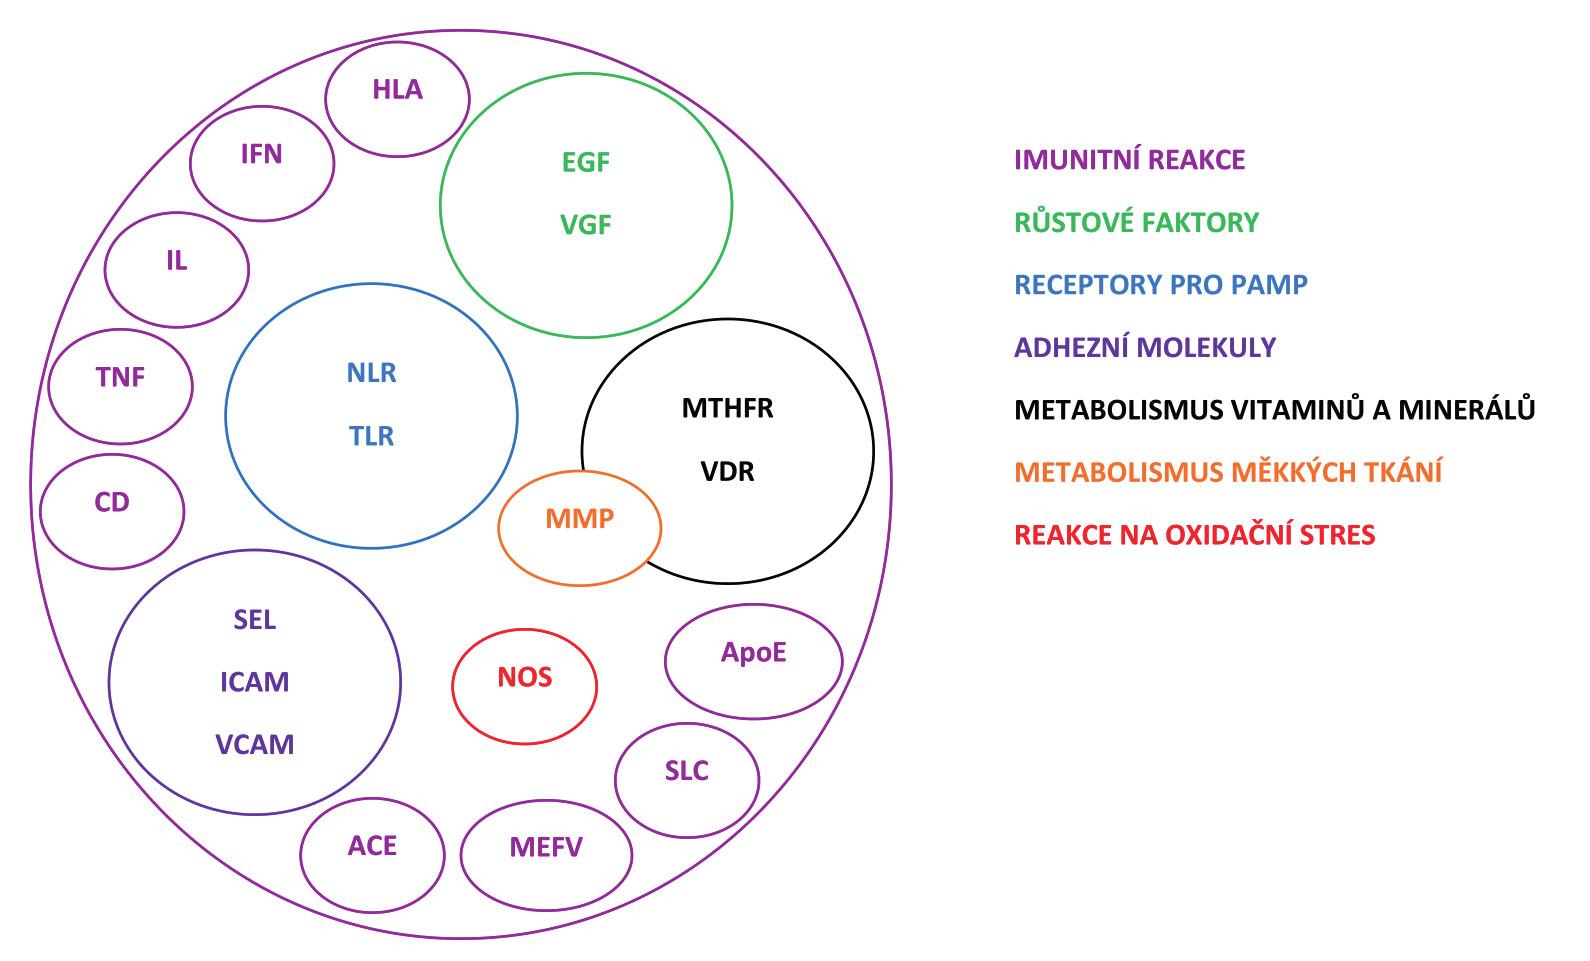 Přehled proteinů nebo skupin proteinů kódovaných geny, které jsou považovány za kandidátní pro recidivující aftózní stomatitidu (RAS) a jejichž variabilita byla již studována